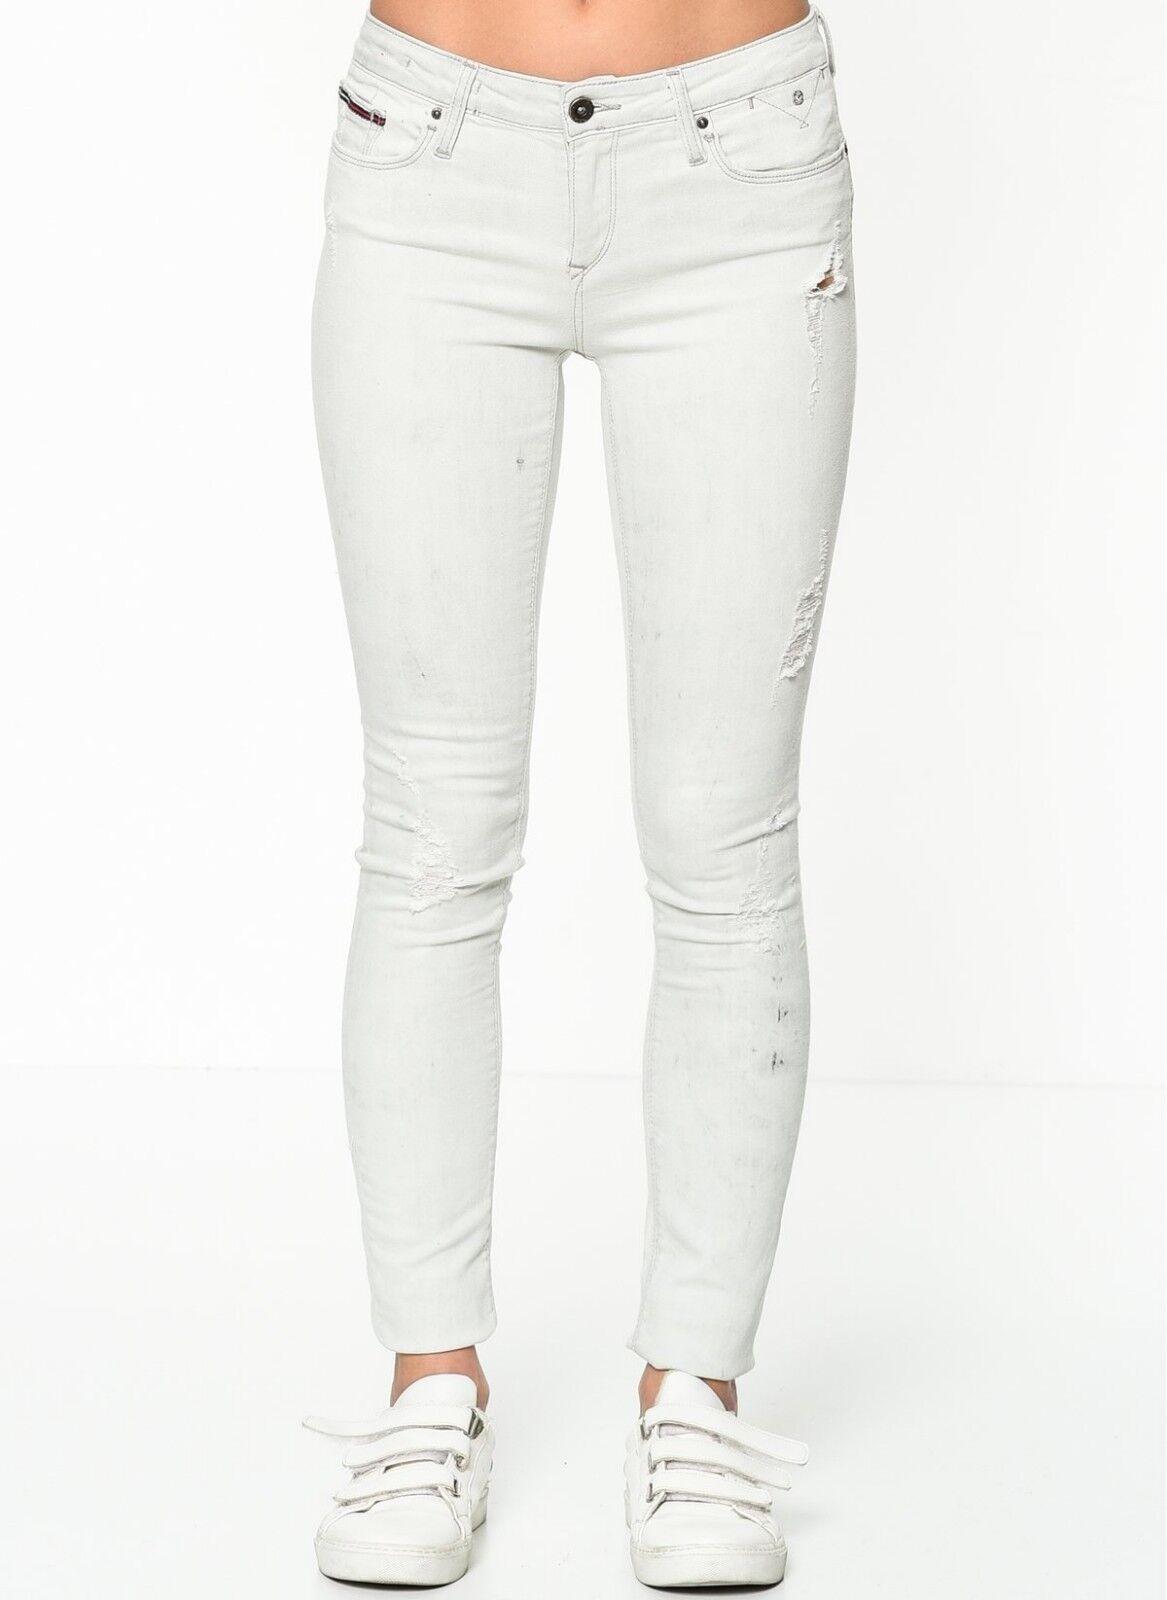 meet aeb90 d4779 Hilfiger Jeans Nora diblist 27 32       Qualità e consumatori in primo  luogo